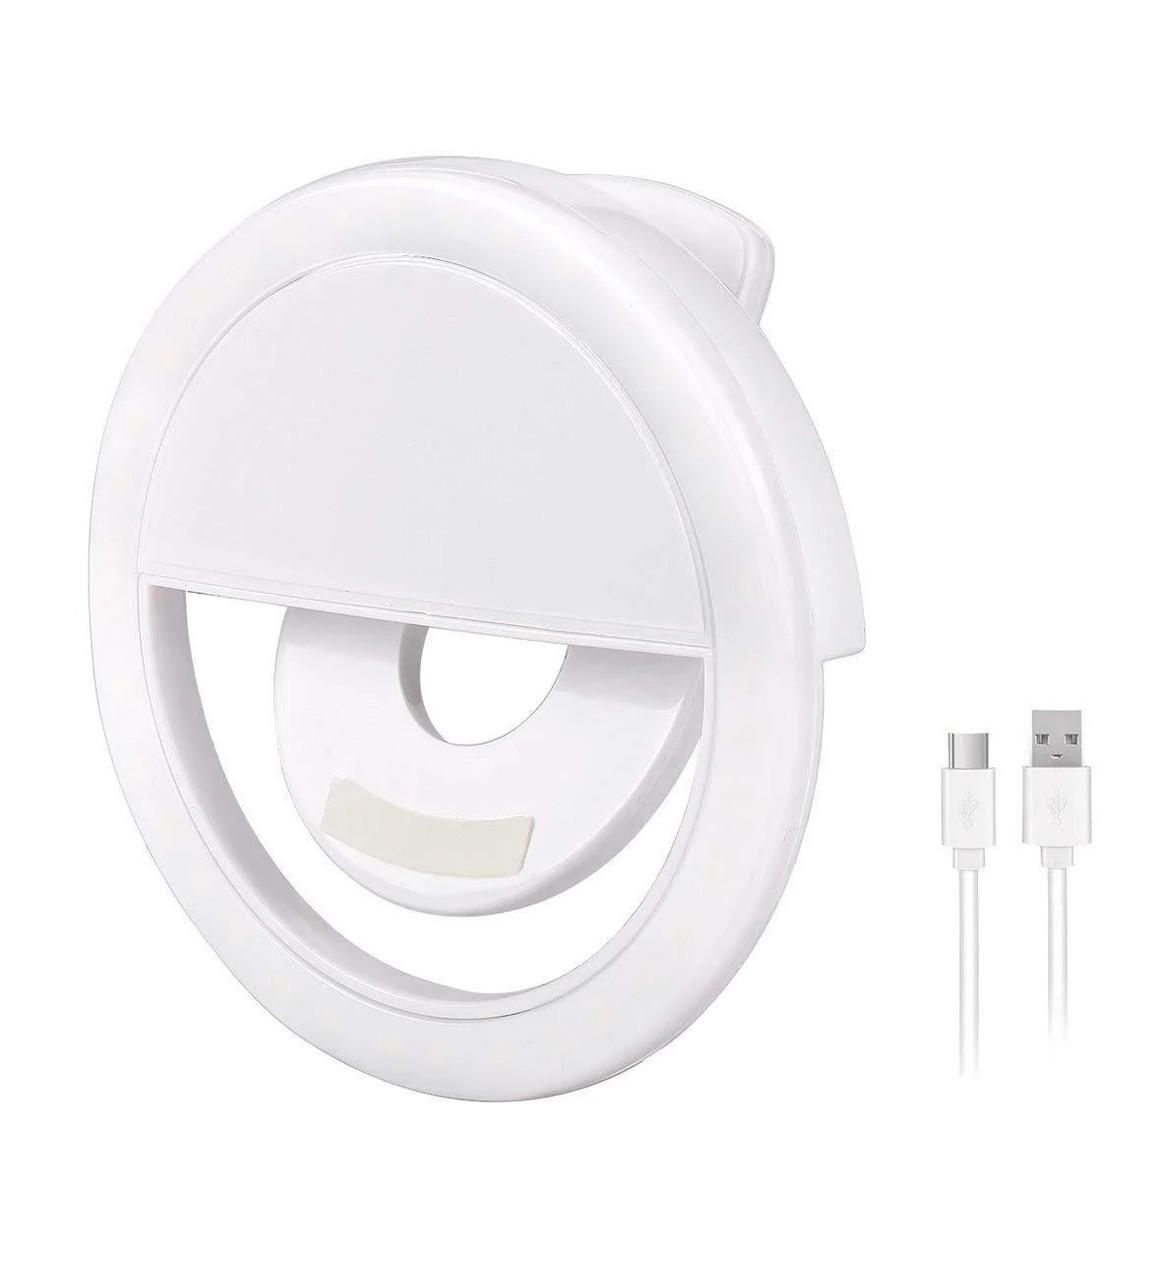 Вспышка-подсветка для телефона селфи-кольцо Selfie Ring Light RK-12 Белый USB